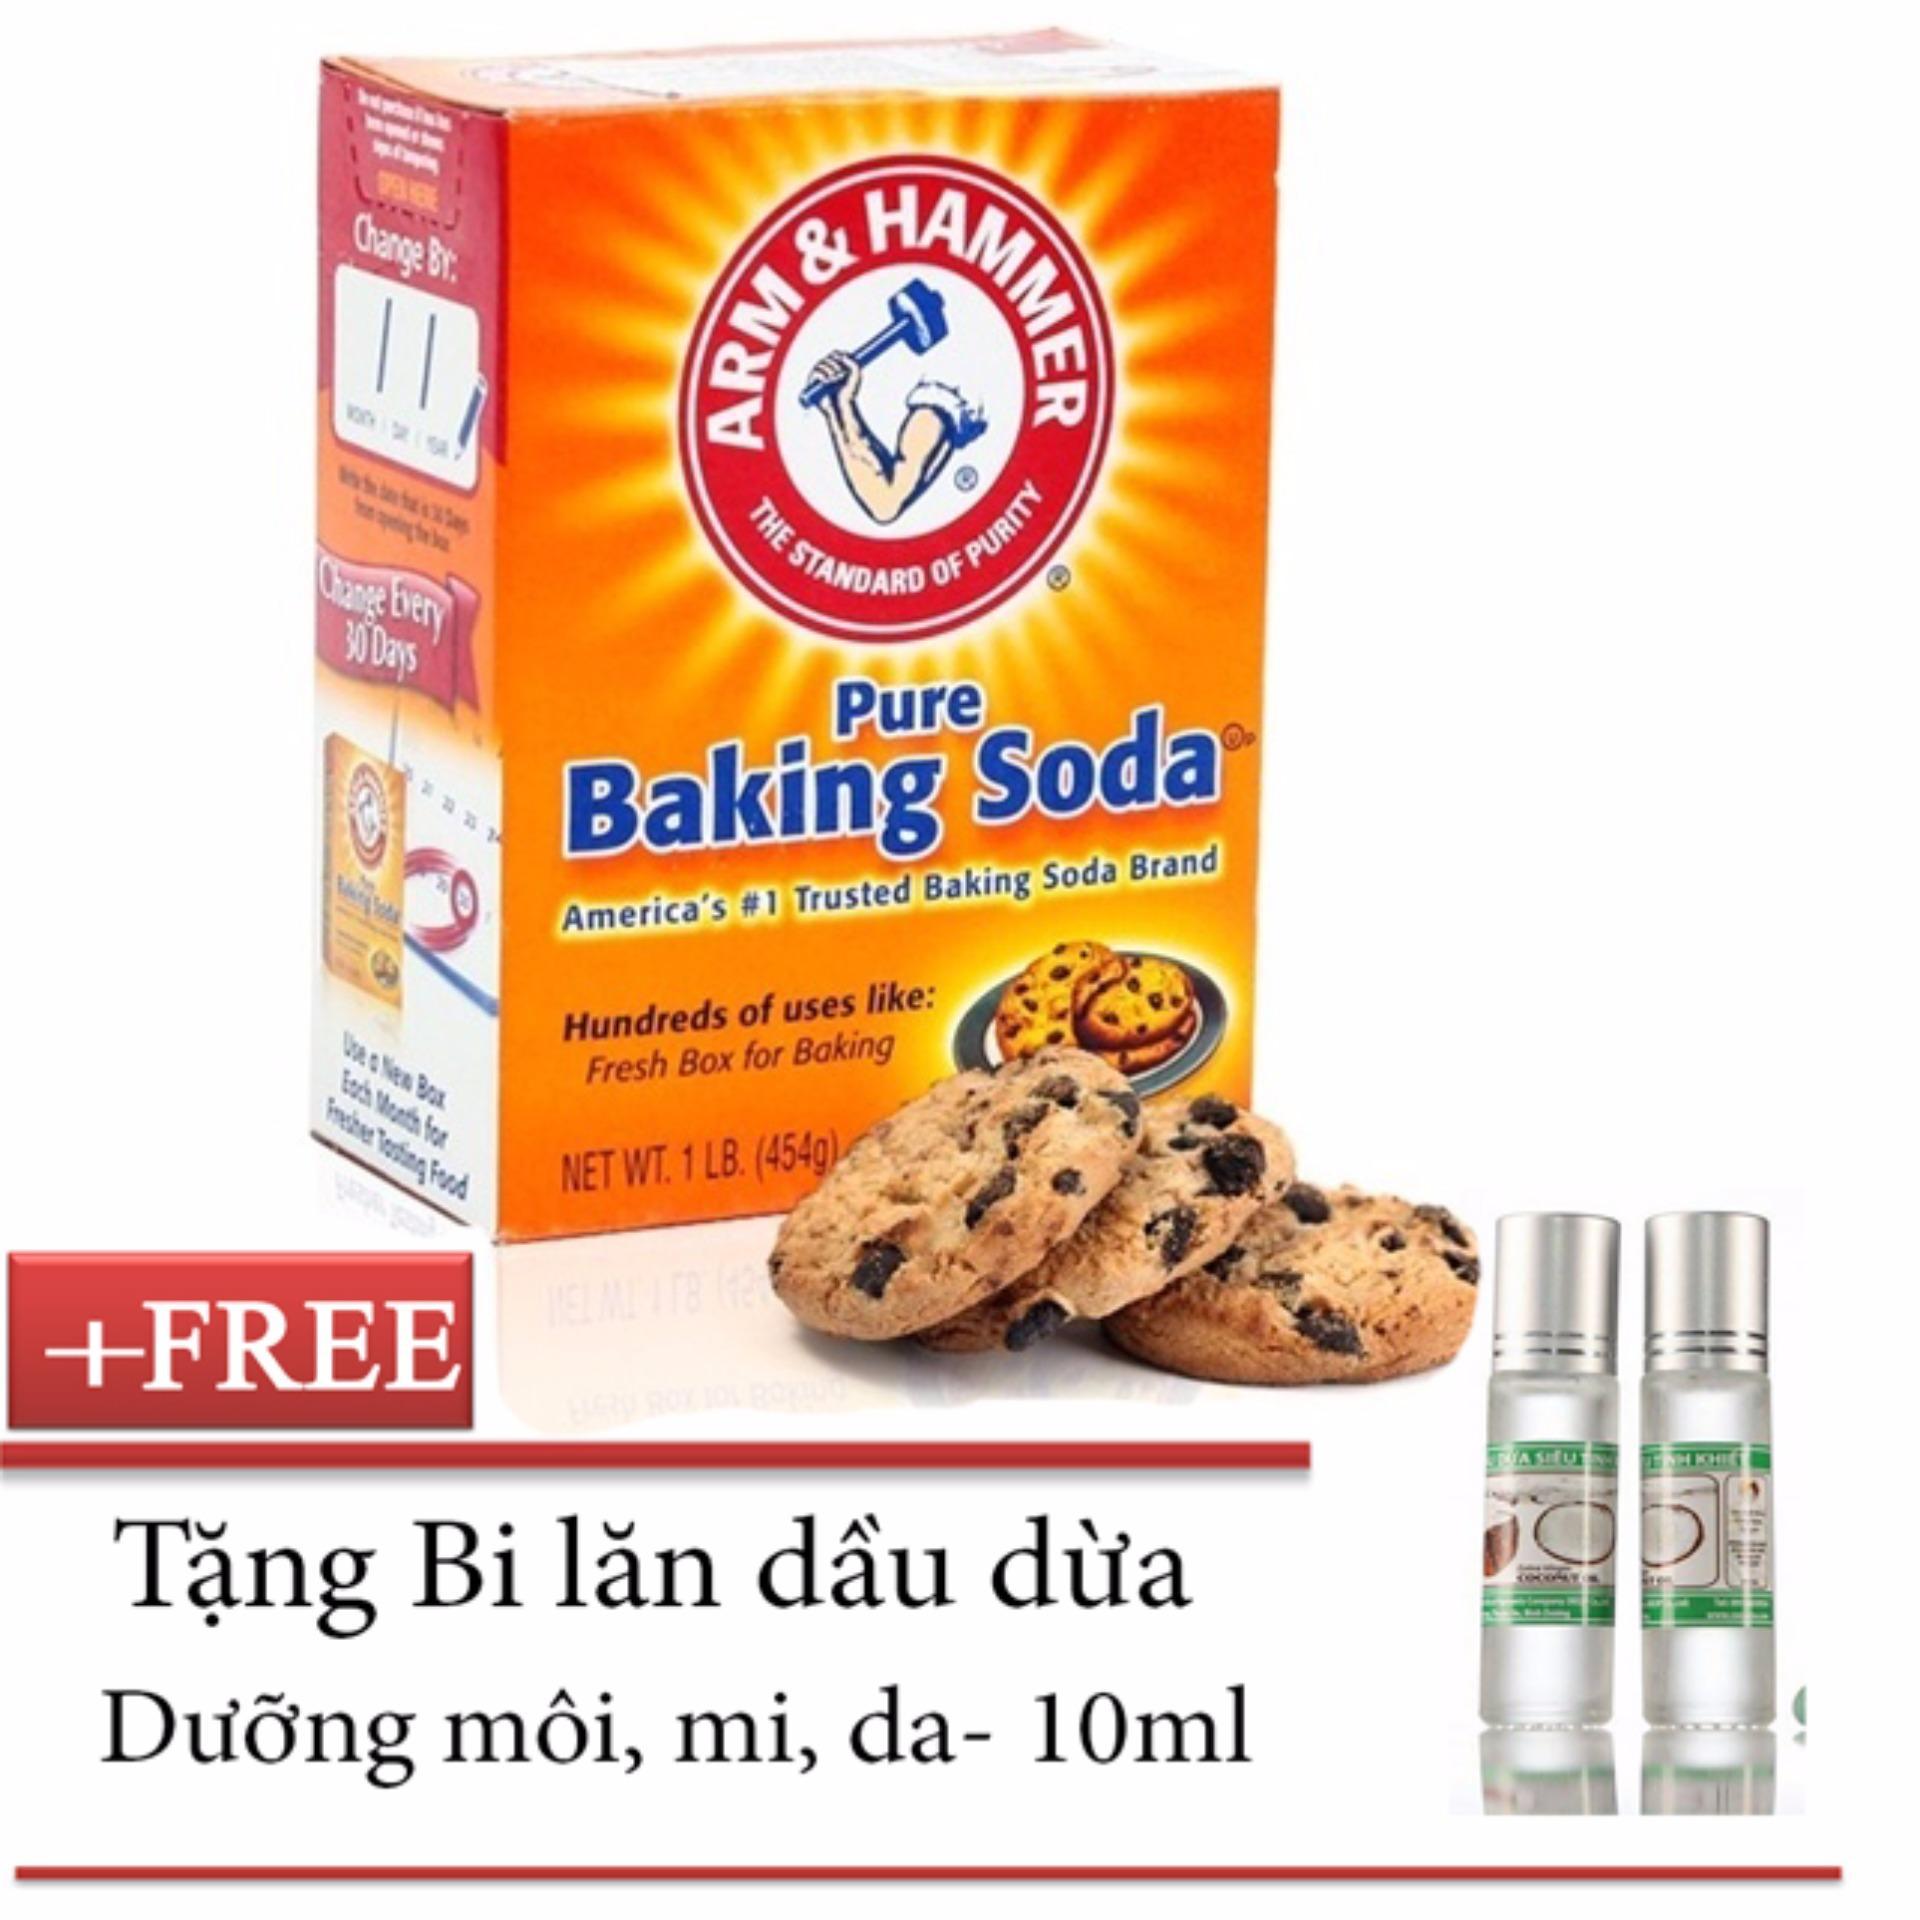 Chỗ nào bán Bột Baking Soda 450g + Tặng Bi lăn dầu dừa dưỡng môi, mi, da